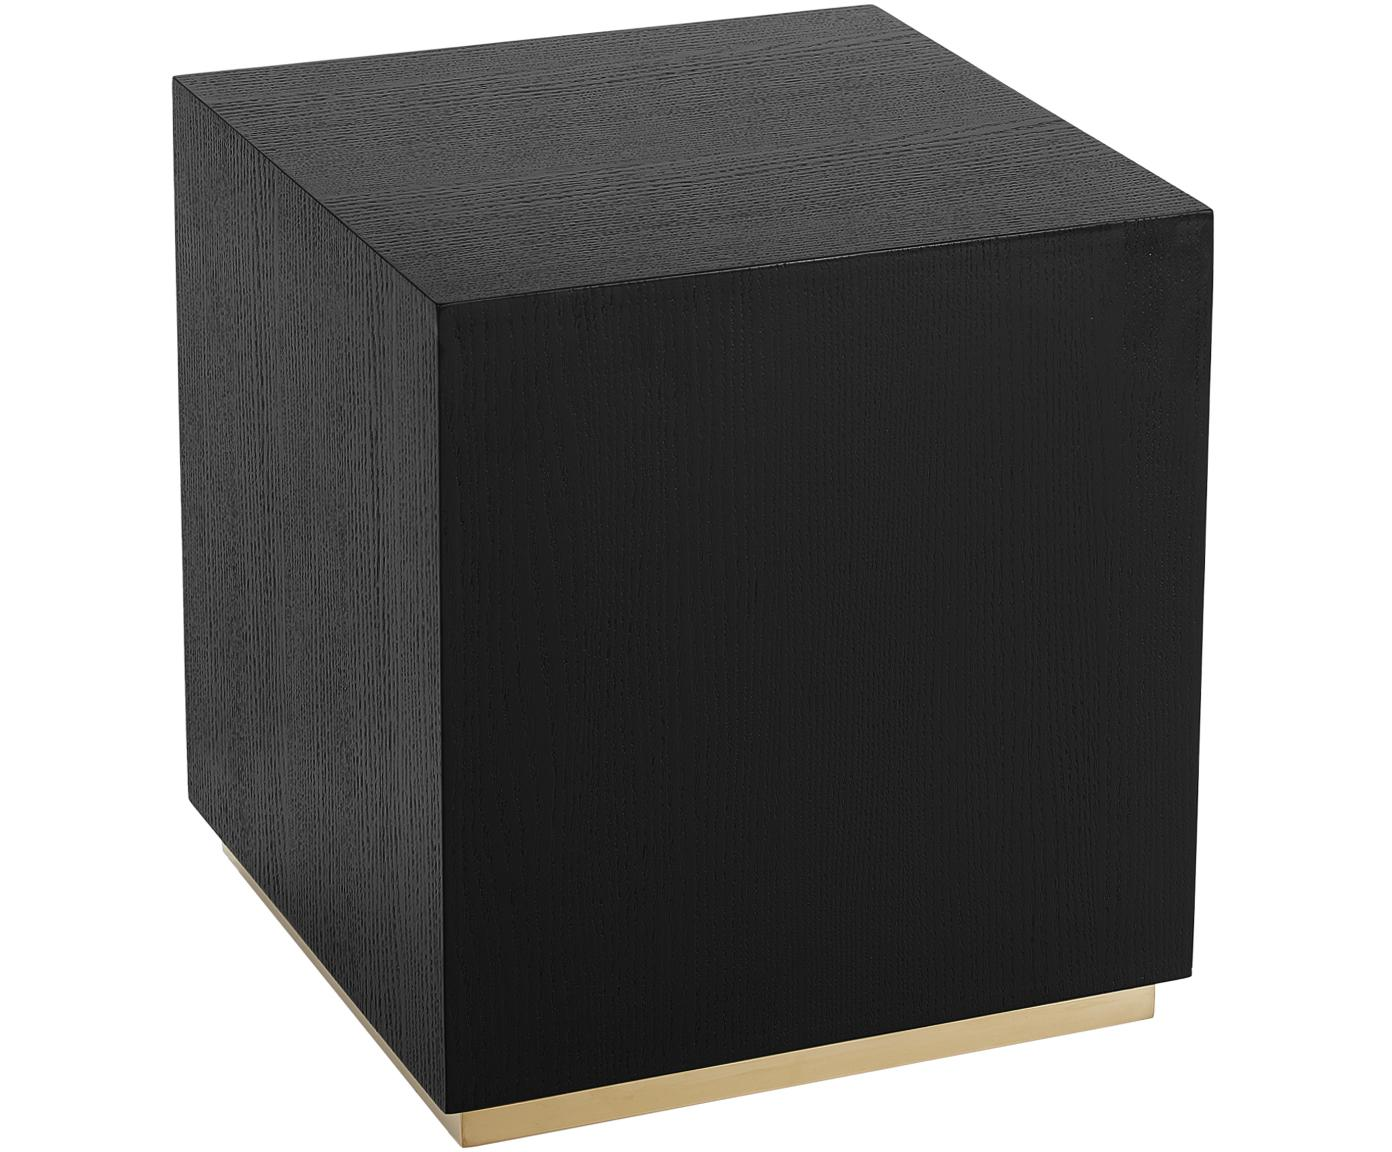 Tavolino quadrato nero Clarice, Nero, Larg. 45 x Alt. 50 cm